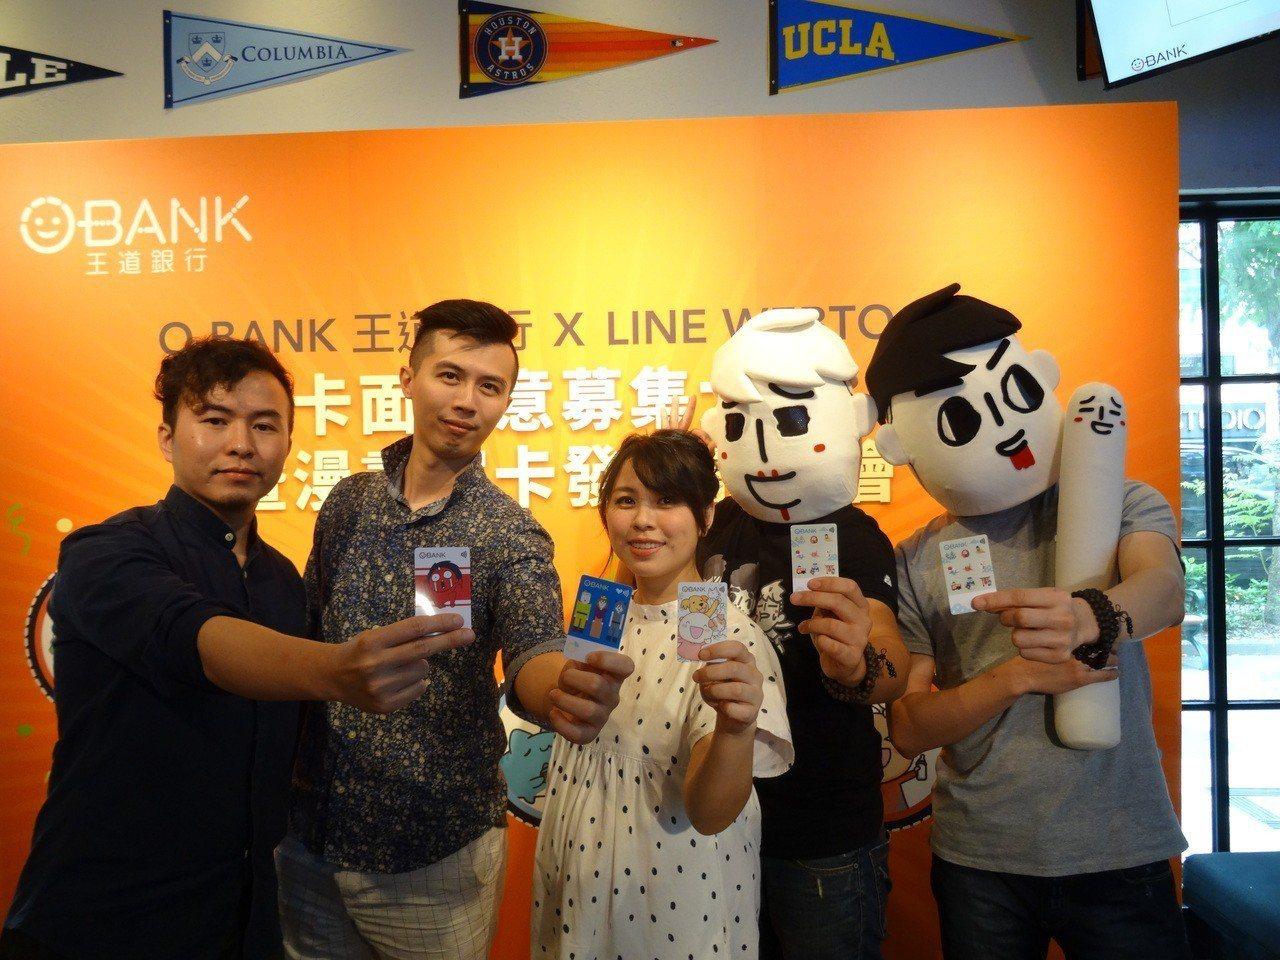 王道銀行特殊設計卡面提供設計者每張分潤50元的分紅獎勵金,這項機制在第二屆卡面設...